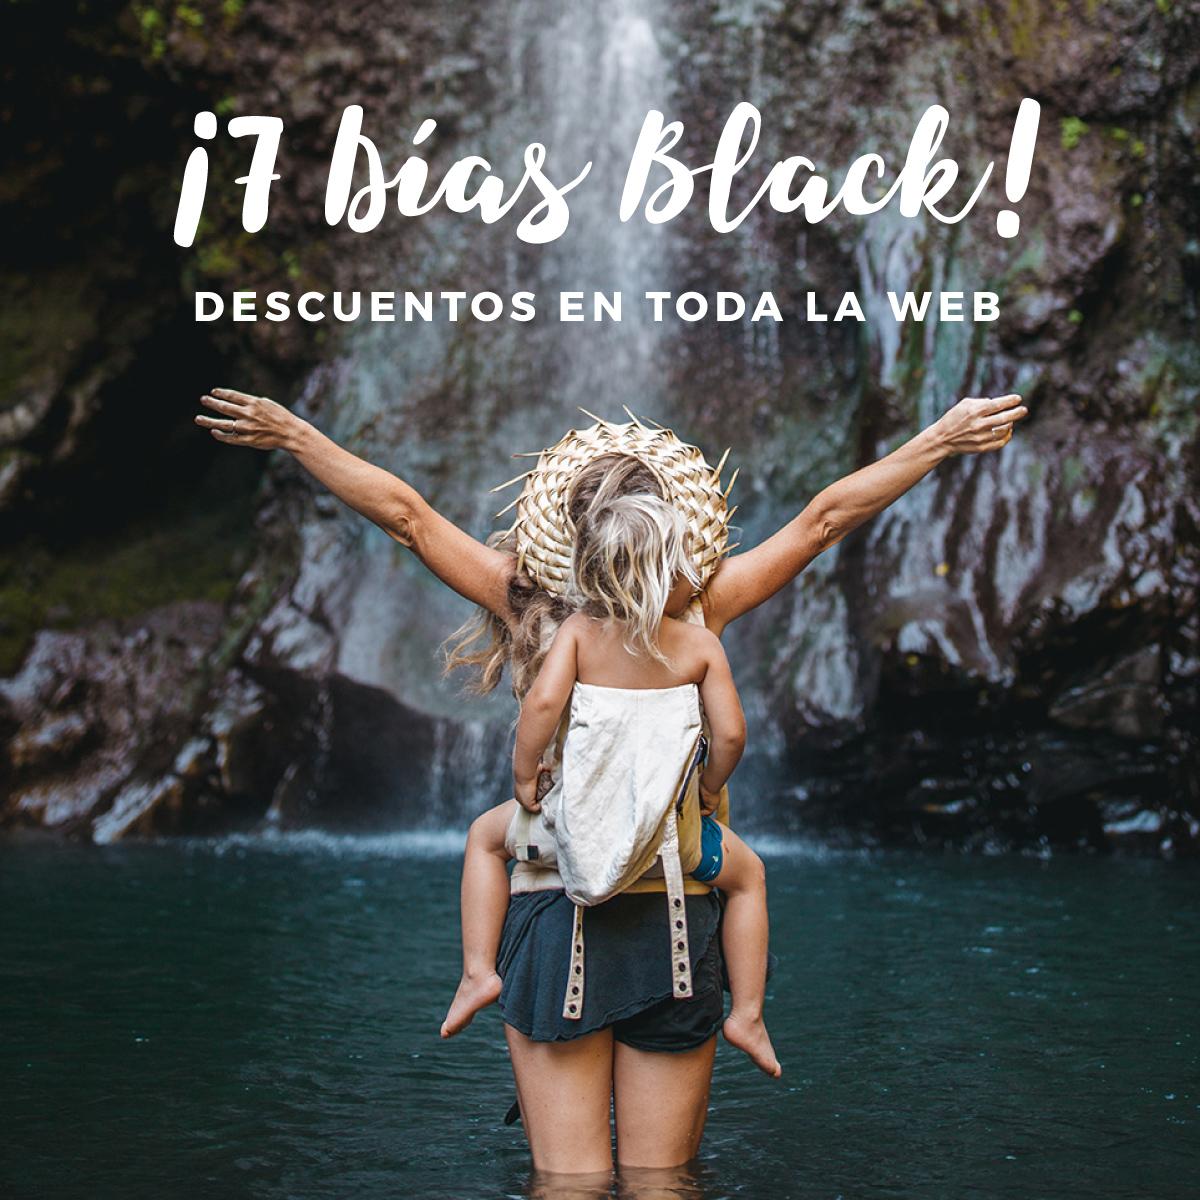 7 días black The Natural Way